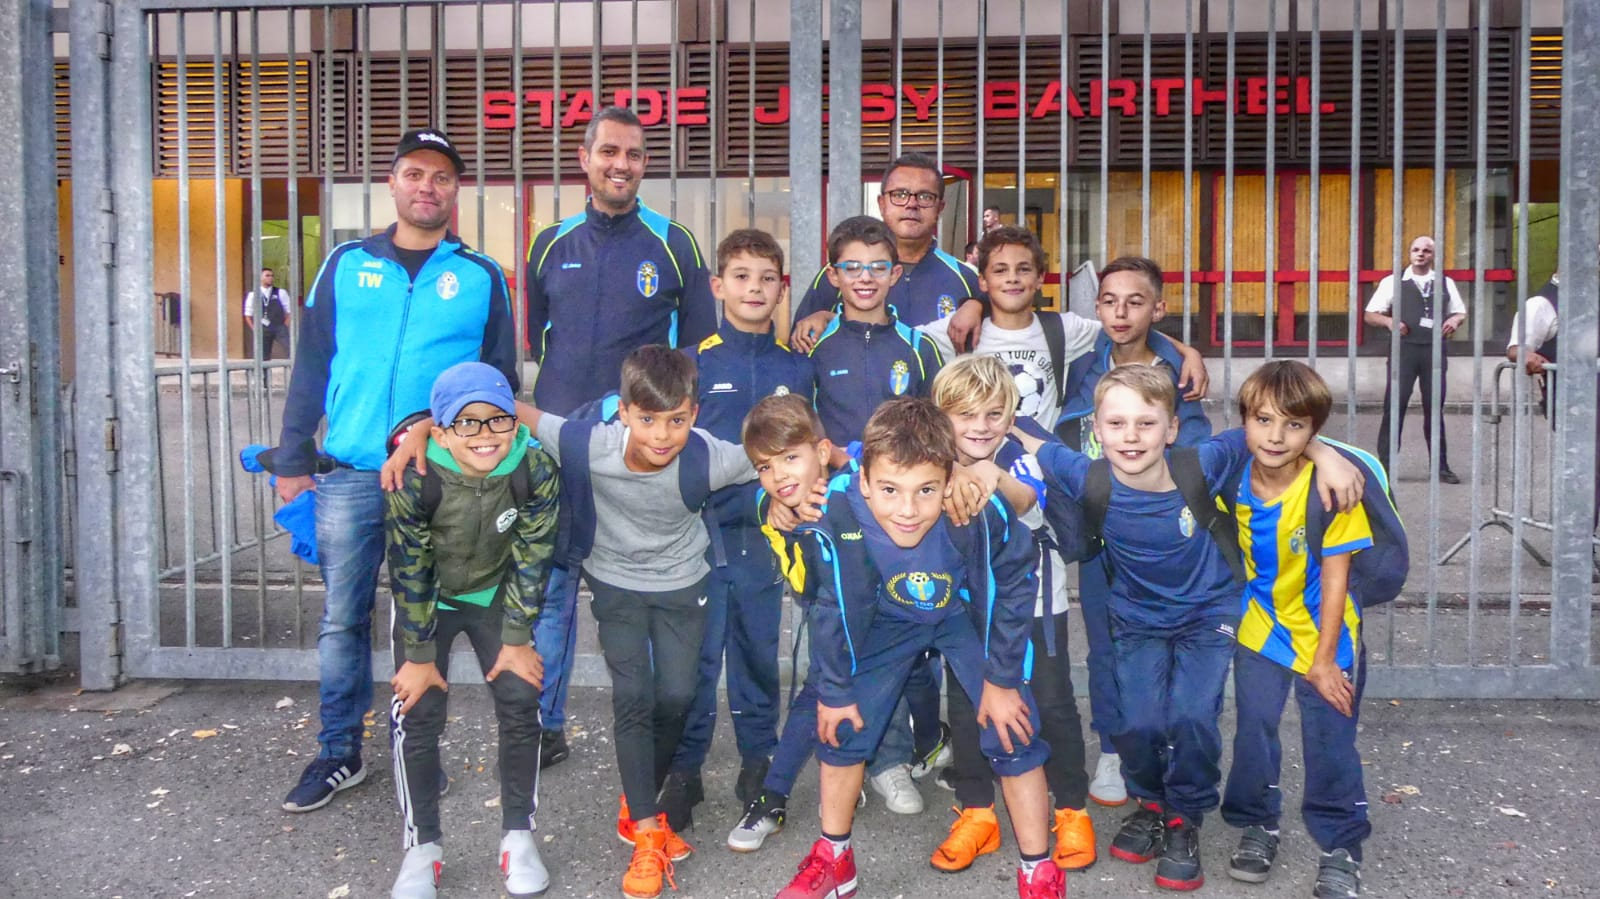 Les petits accompagnateurs de l'équipe nationale